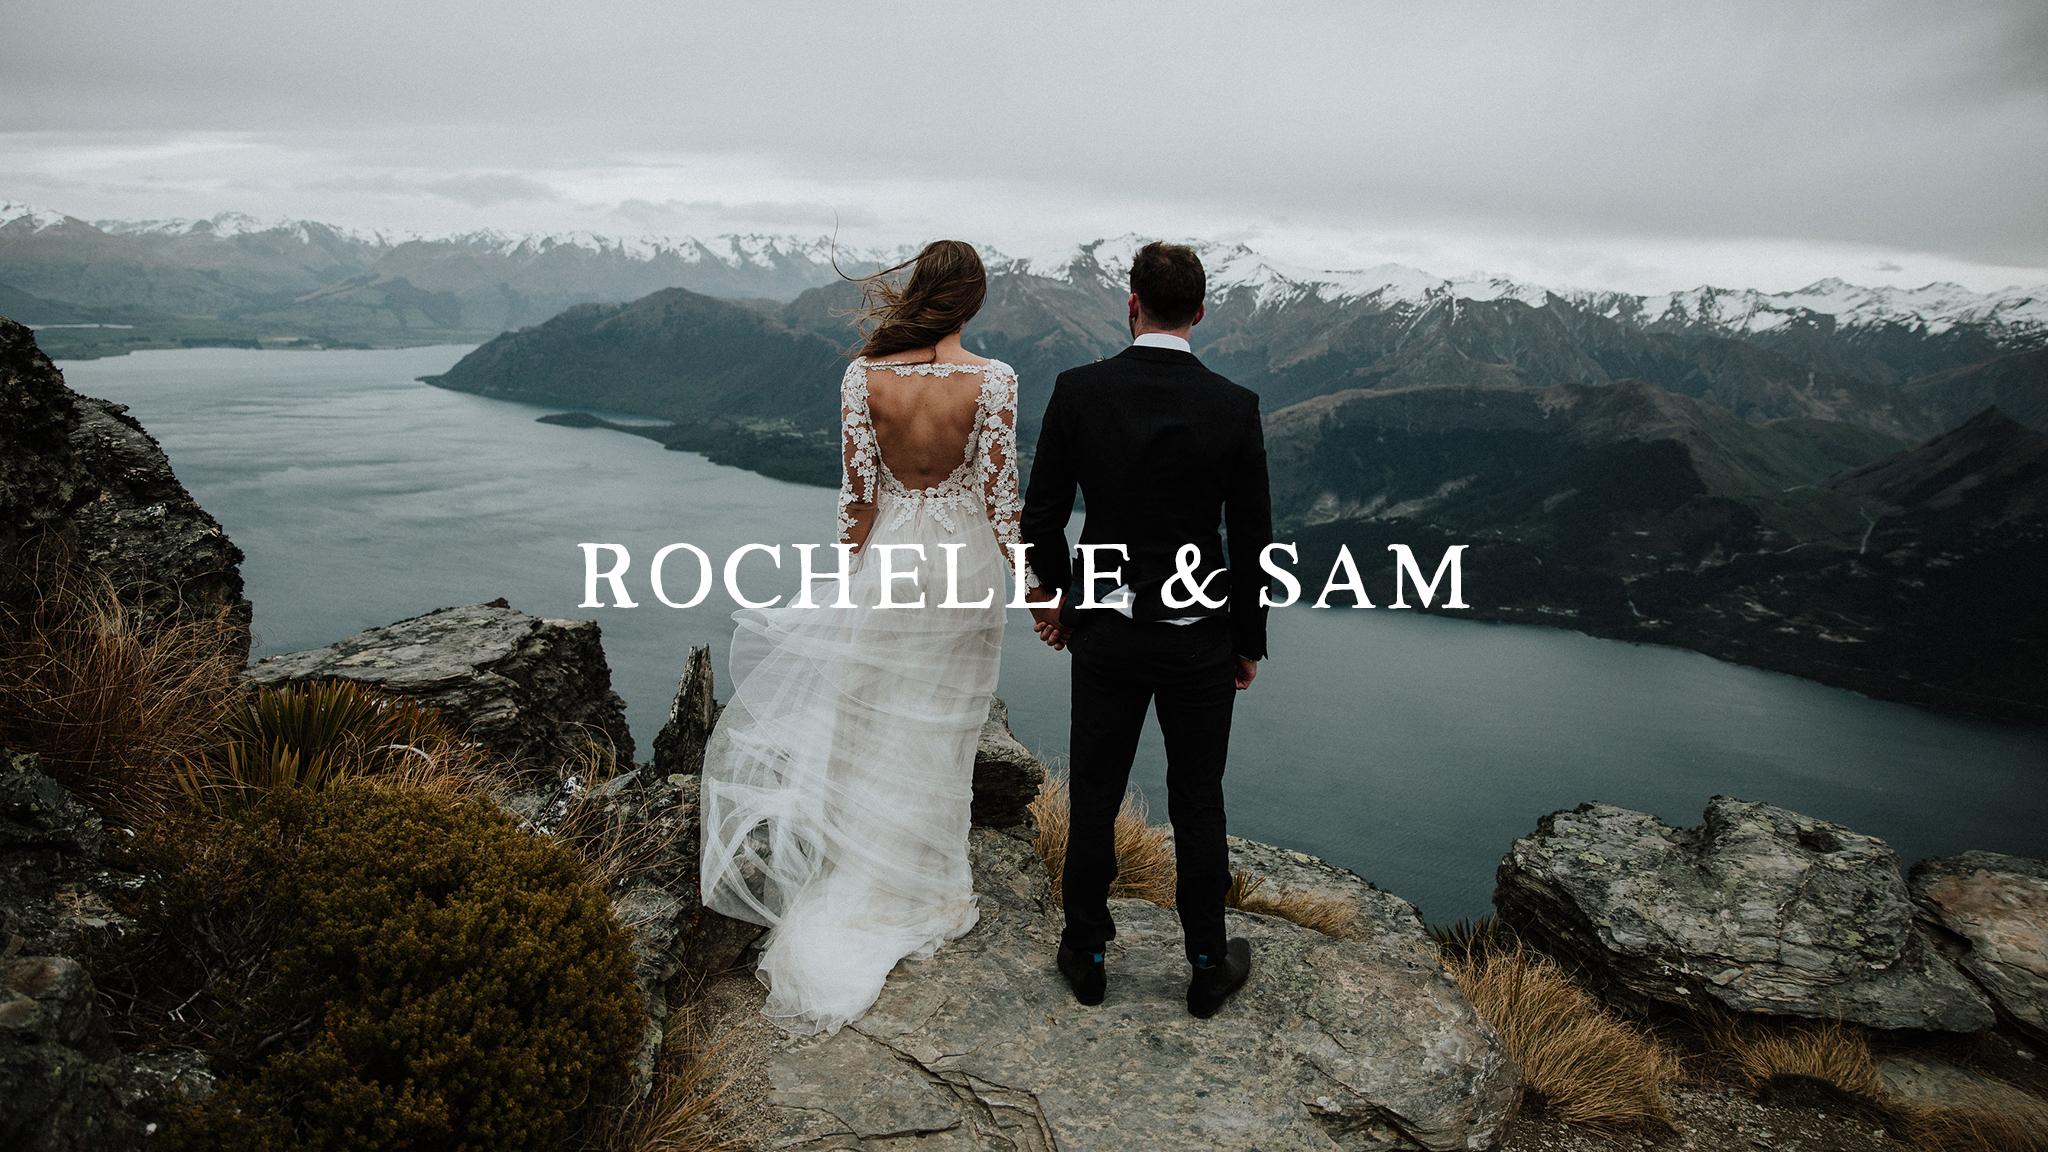 Rochelle + Sam | Queenstown, New Zealand | Cecil Peak